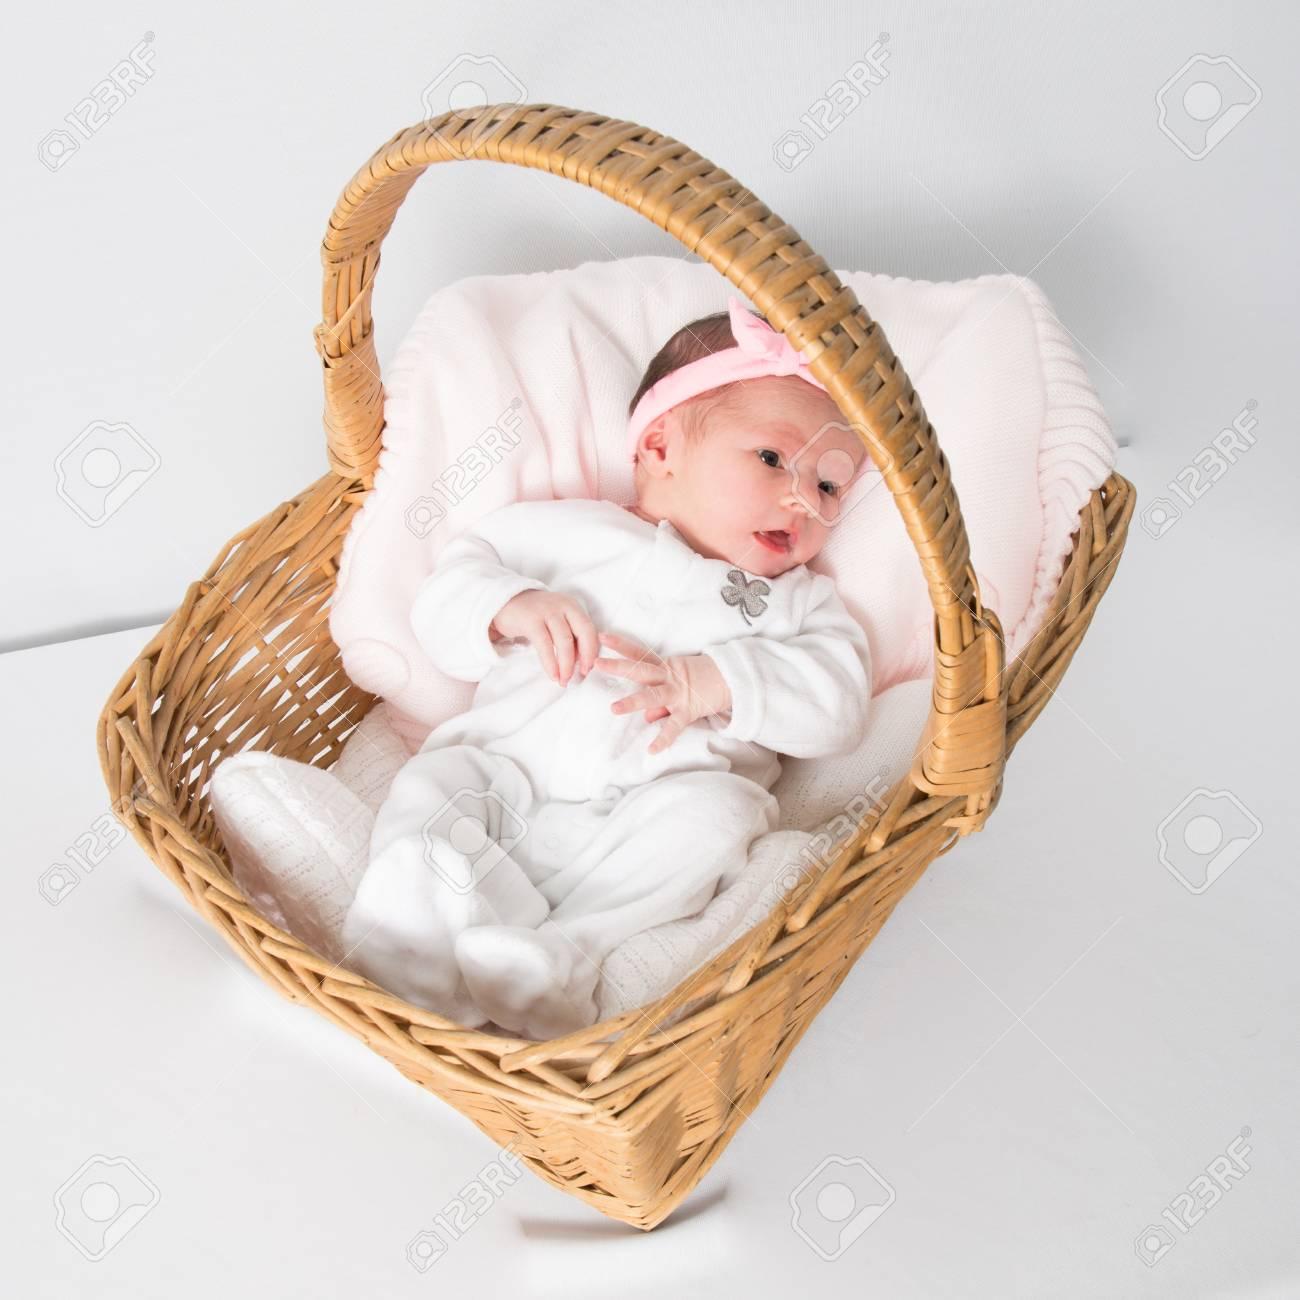 Canasta Para Bebe Recien Nacido.Retrato Del Pequeno Bebe Recien Nacido Acostado En La Canasta